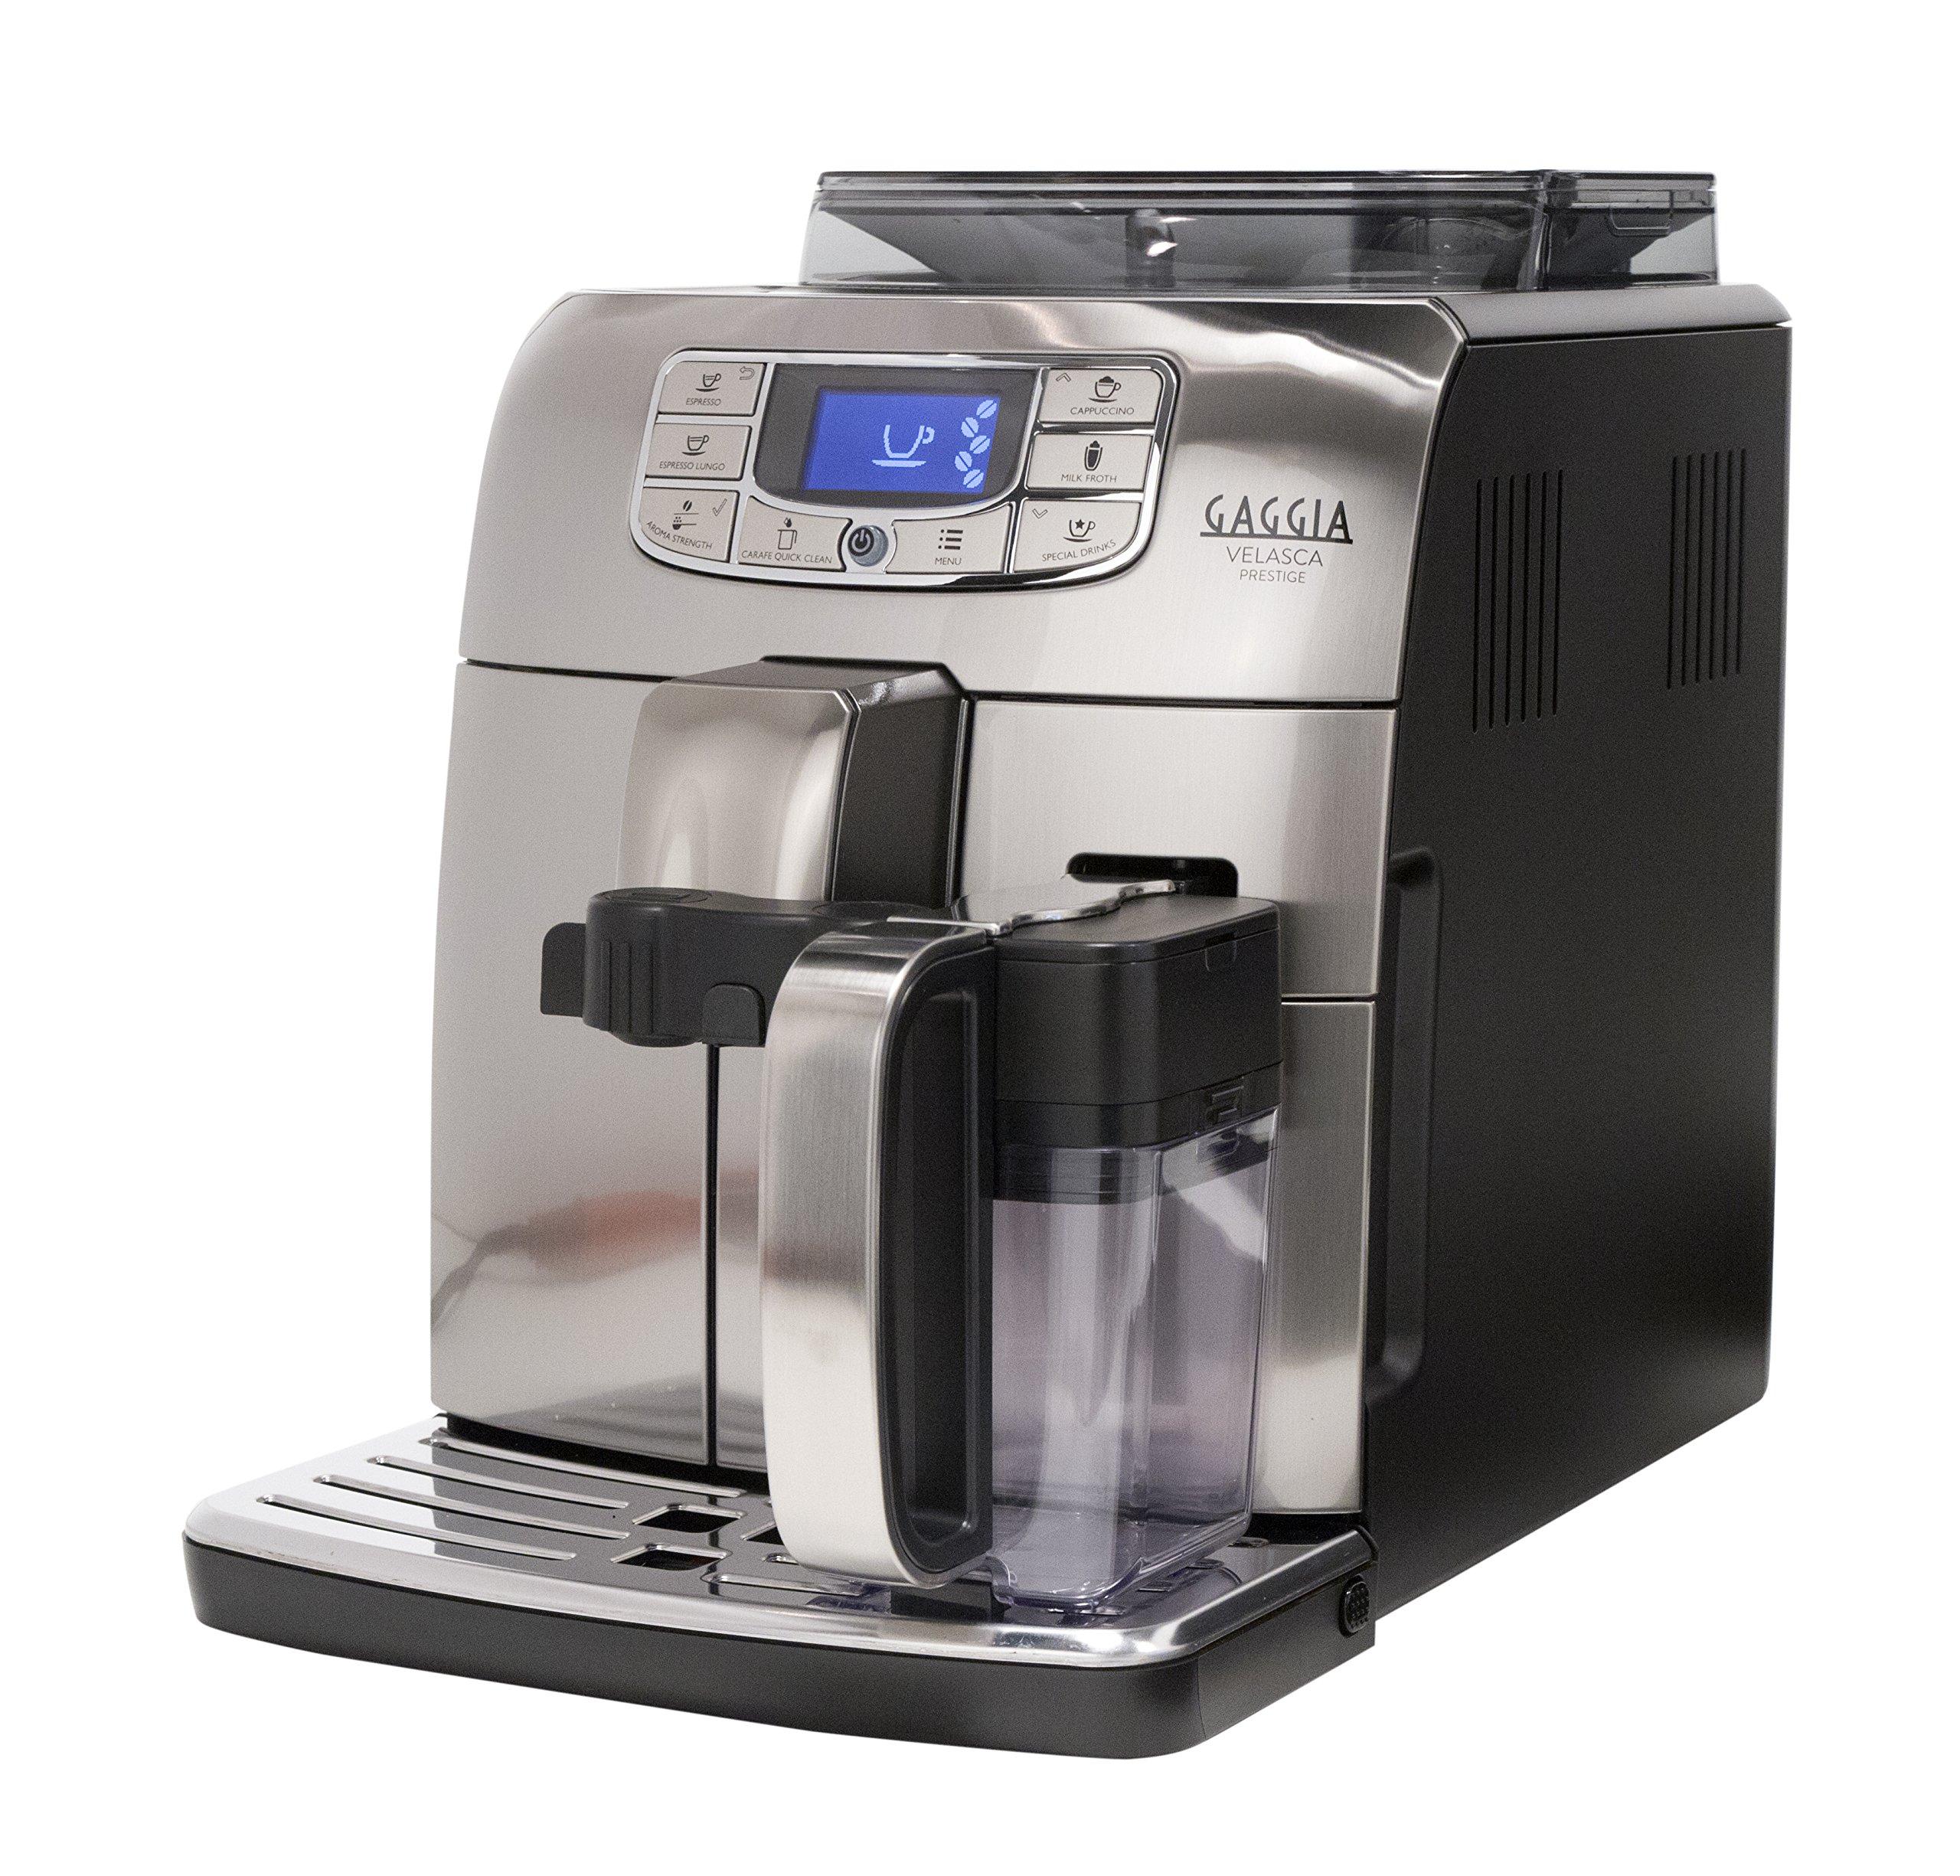 Gaggia RI8263/47 Velasca Prestige Espresso Machine, Stainless Steel by Gaggia